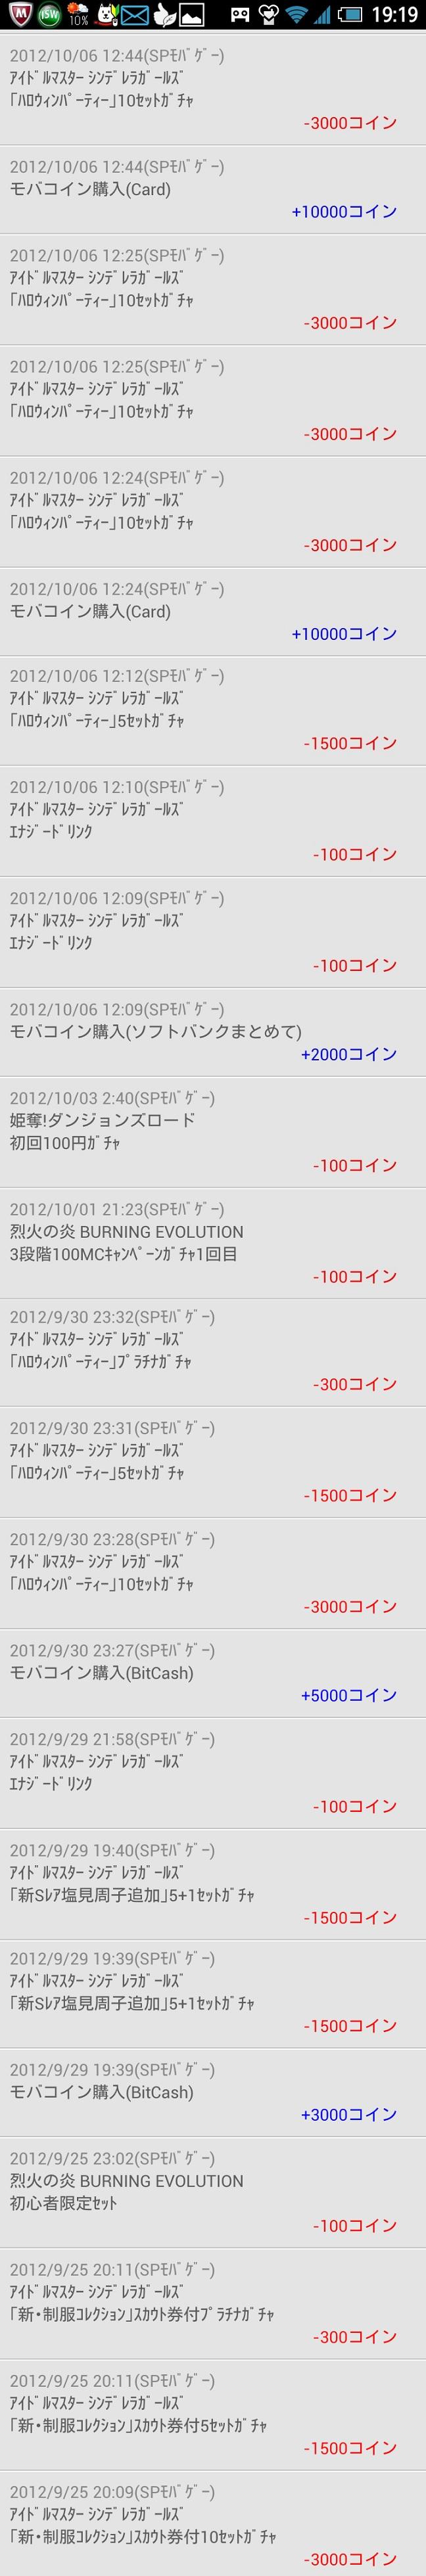 2012-12-29-19-19-39.jpg